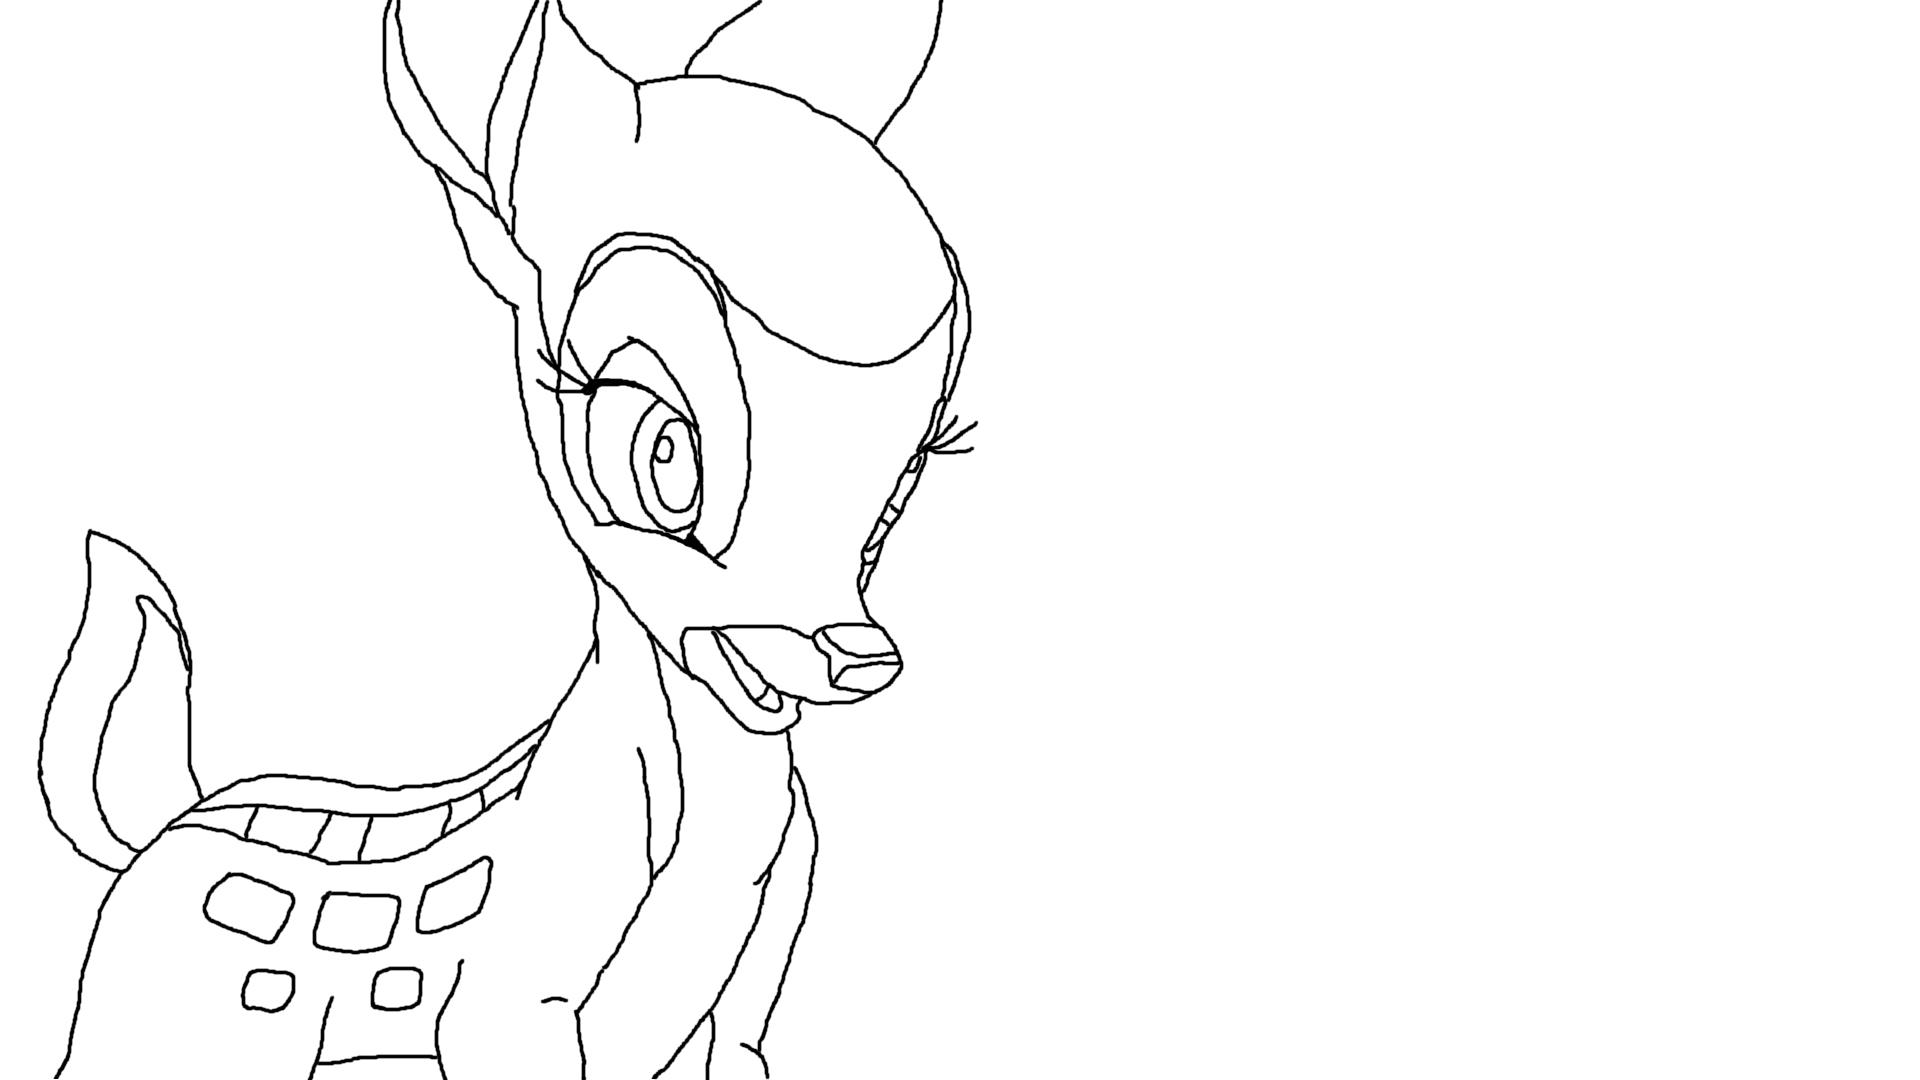 Unique Dessin A Colorier De Bambi